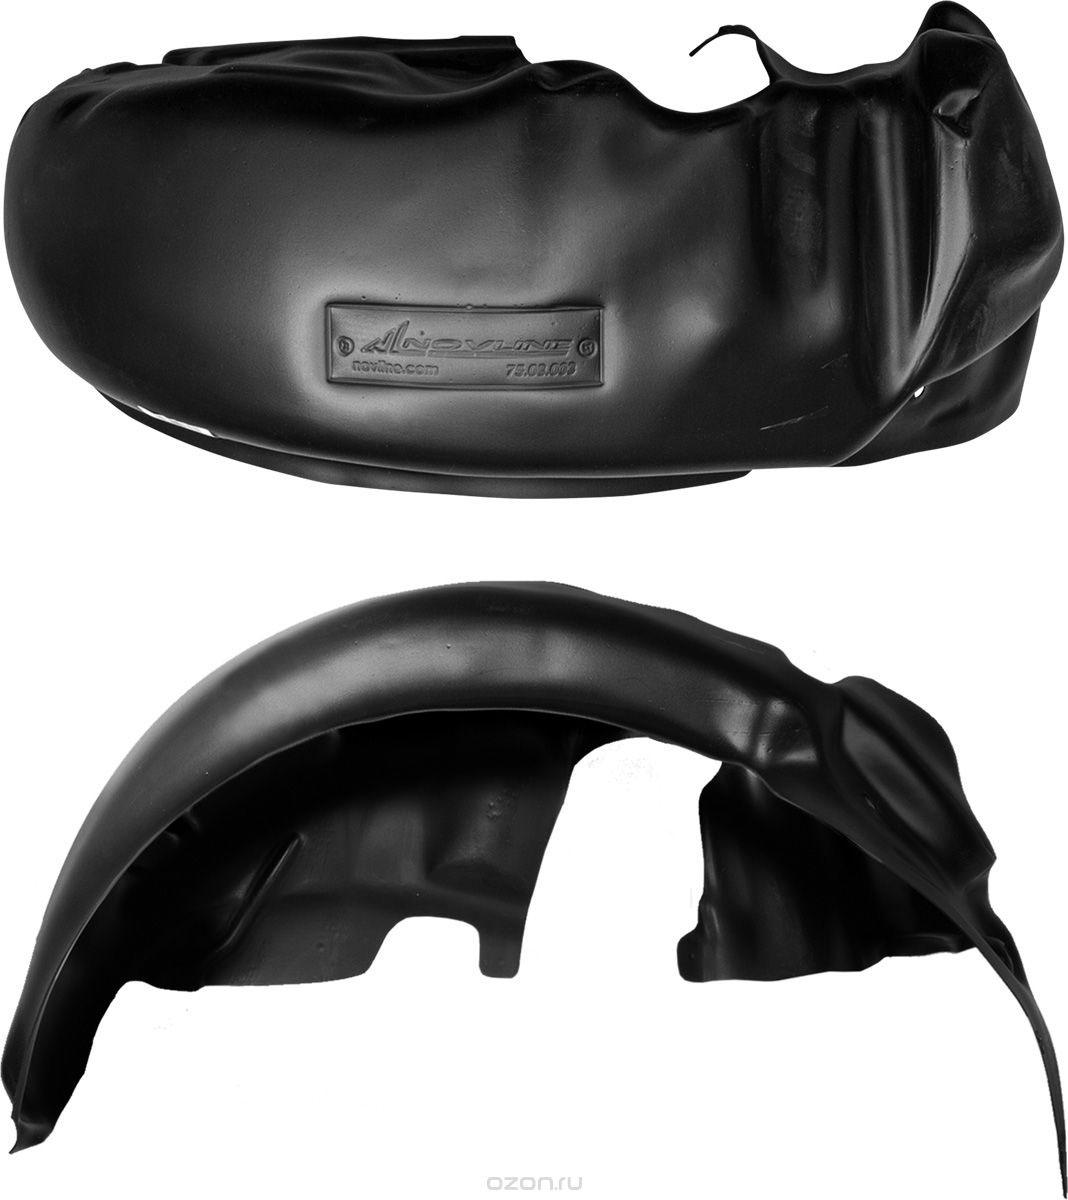 Подкрылок Novline-Autofamily, для Nissan Qashqai, J11F, 2015->, кроссовер, задний правыйNLL.36.50.004Идеальная защита колесной ниши. Локеры разработаны с применением цифровых технологий, гарантируют максимальную повторяемость поверхности арки. Изделия устанавливаются без нарушения лакокрасочного покрытия автомобиля, каждый подкрылок комплектуется крепежом. Уважаемые клиенты, обращаем ваше внимание, что фотографии на подкрылки универсальные и не отражают реальную форму изделия. При этом само изделие идет точно под размер указанного автомобиля.